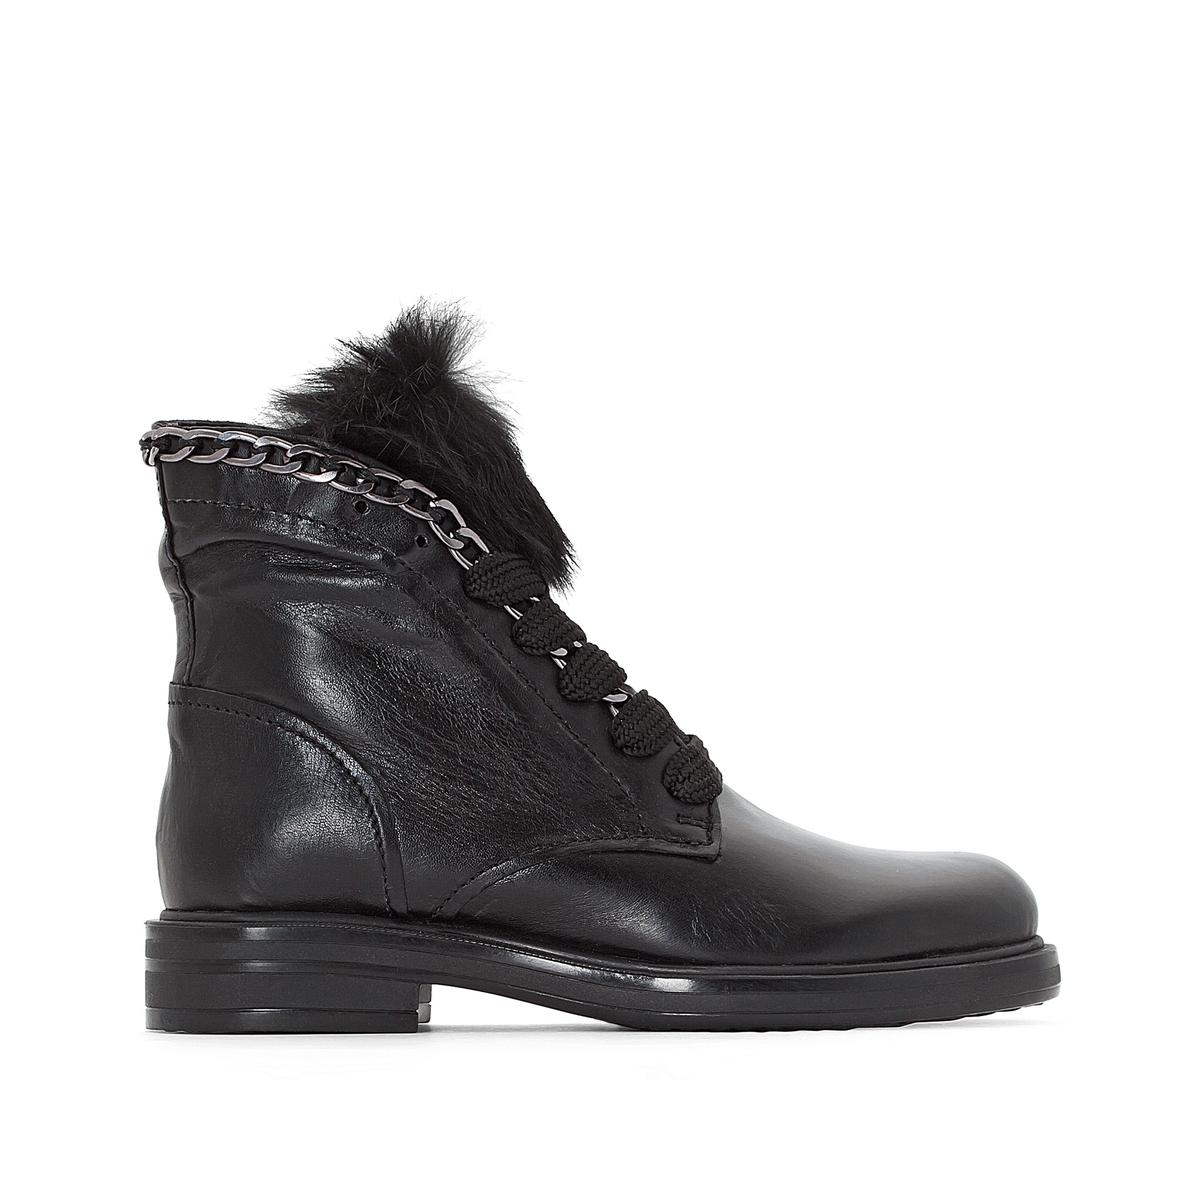 Ботинки кожаные CafeДетали  •  Высота голенища : 14 см, размер 37 •  Высота каблука : 3 см •  Застежка : шнуровка •  Круглый мысокСостав и уход  •  Верх 100% козья кожа •  Подкладка 100% кожа •  Стелька 100% кожа •  Подошва 100% каучук<br><br>Цвет: черный<br>Размер: 36